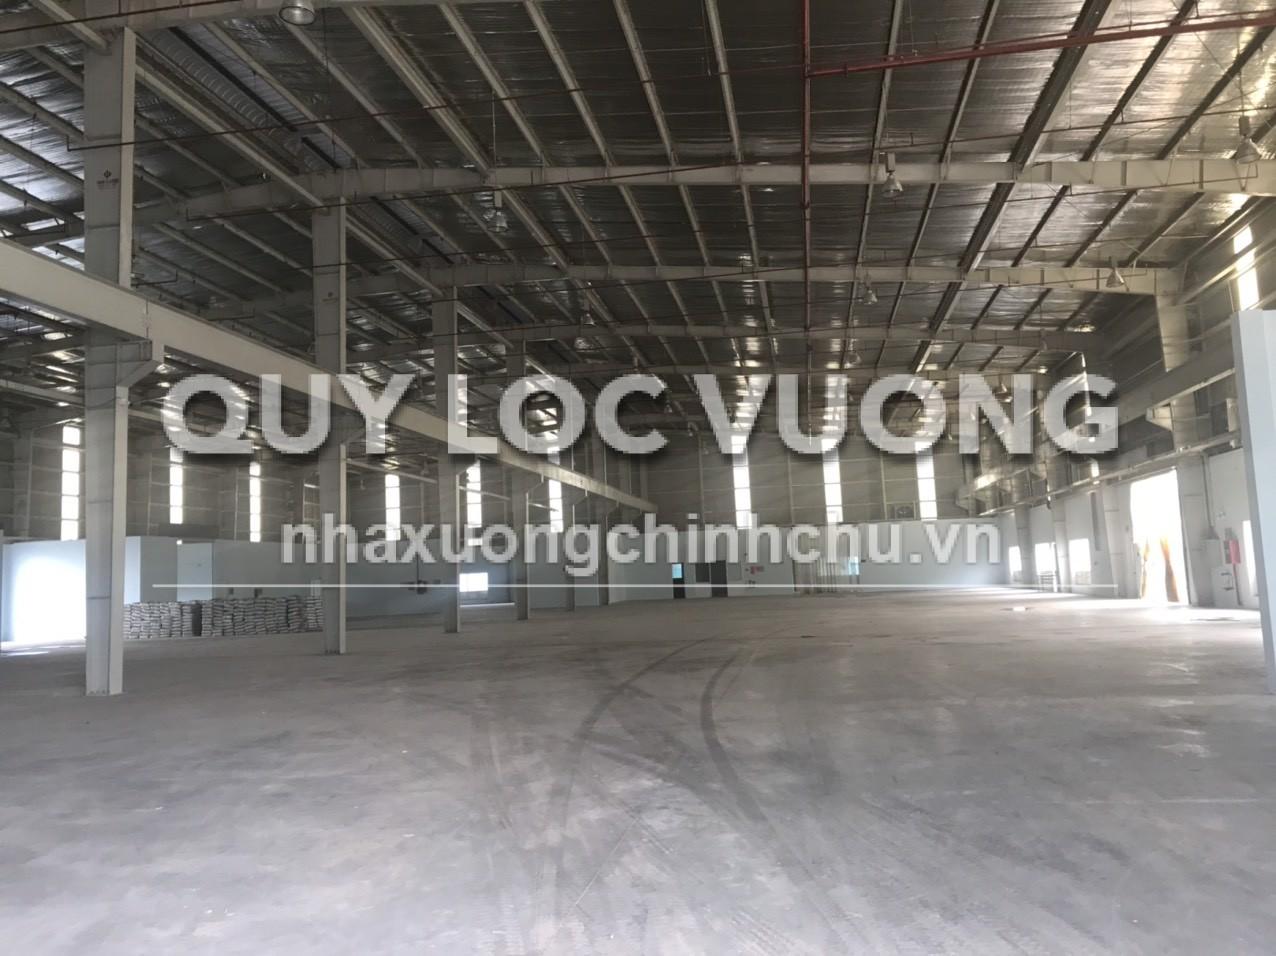 Bán xưởng 12.000m2 trong KCN VSIP 2 mở rộng xã Vĩnh Tân Tân Uyên, BD thuật đầy đủ, giao thông thuận tiện